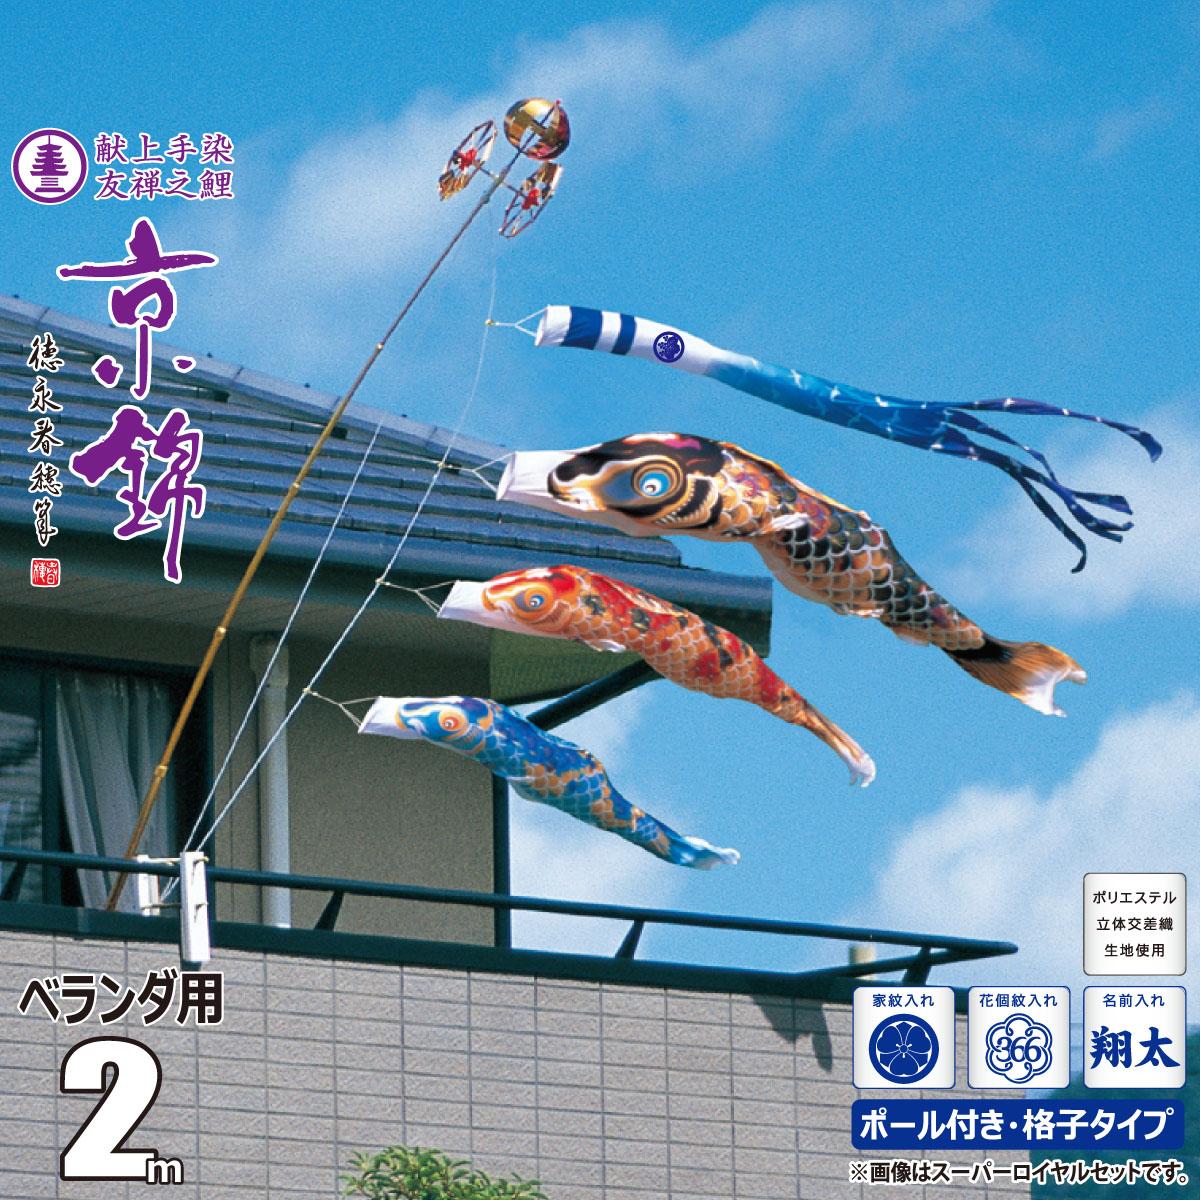 こいのぼり 2m 京錦 6点 (矢車、ロープ、吹流し、鯉3匹) ベランダ用 ロイヤルセット (ベランダ用 取付金具付き) 徳永鯉のぼり KIT-120-150